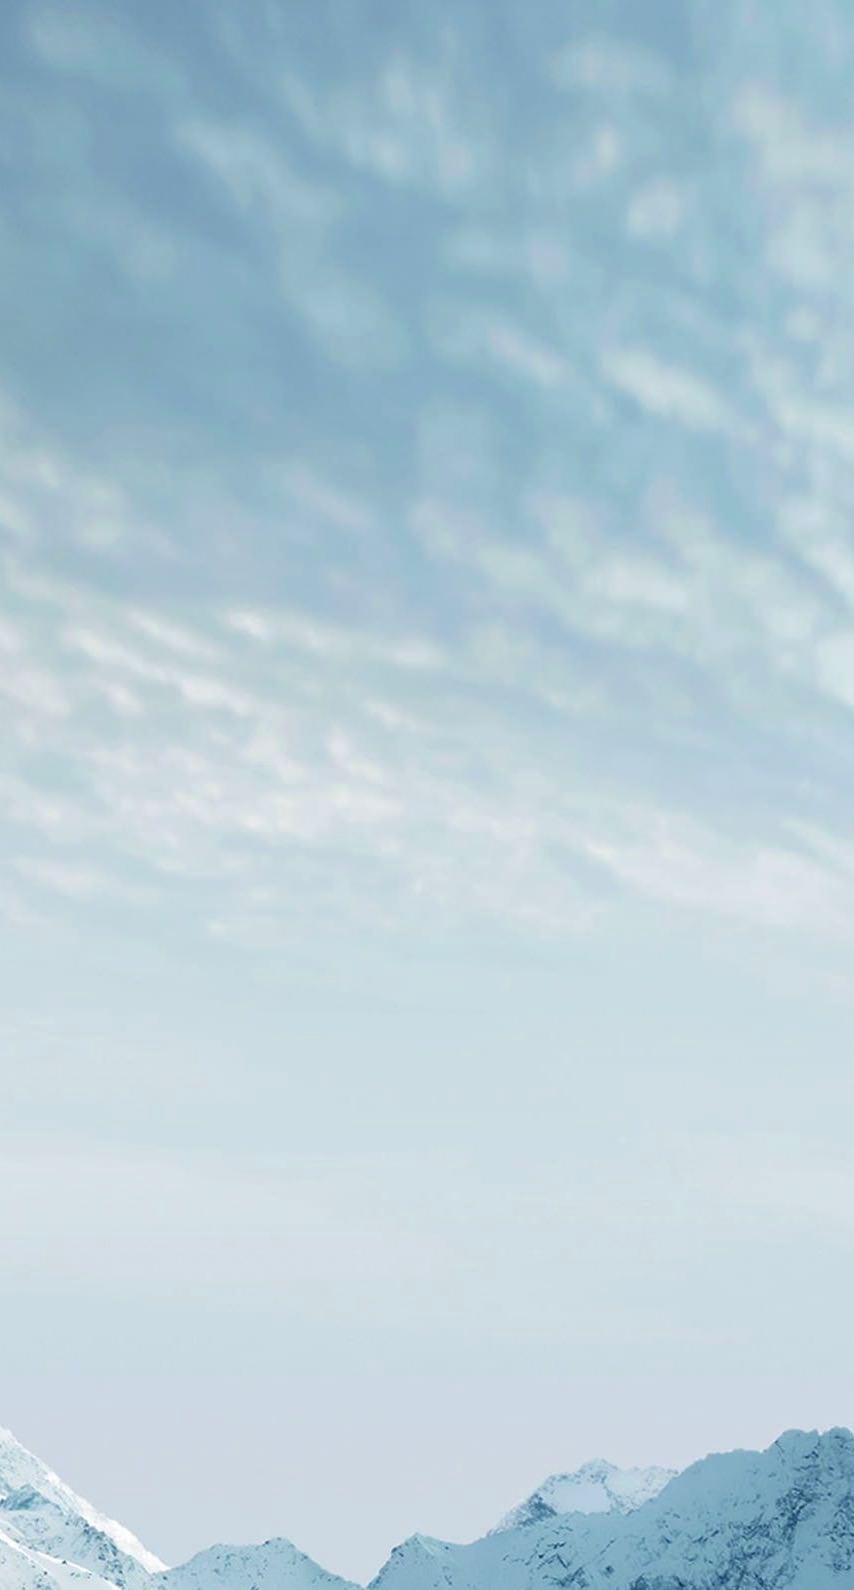 Snowy mountain landscape blank | wallpaper sc iPhone7